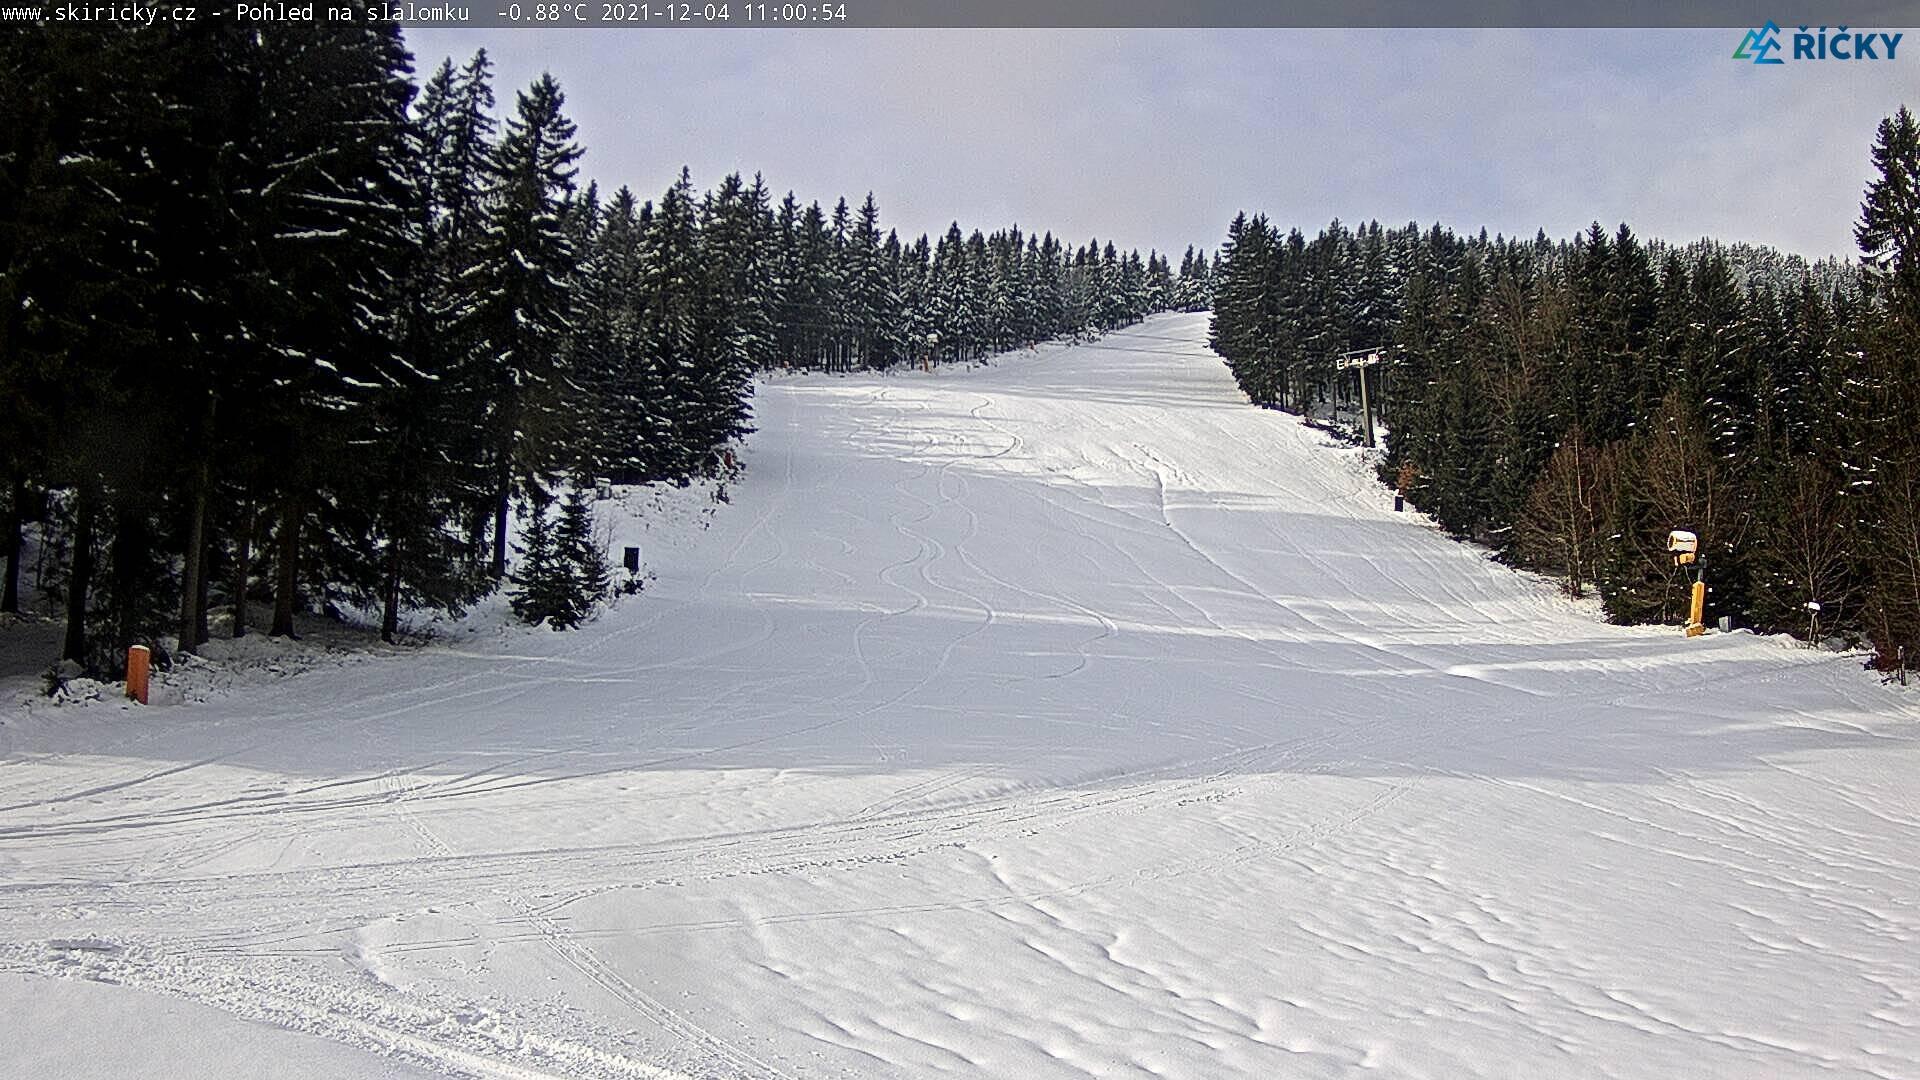 Webcam Skigebiet Ricky v O.h. schwarze Piste - Adlergebirge